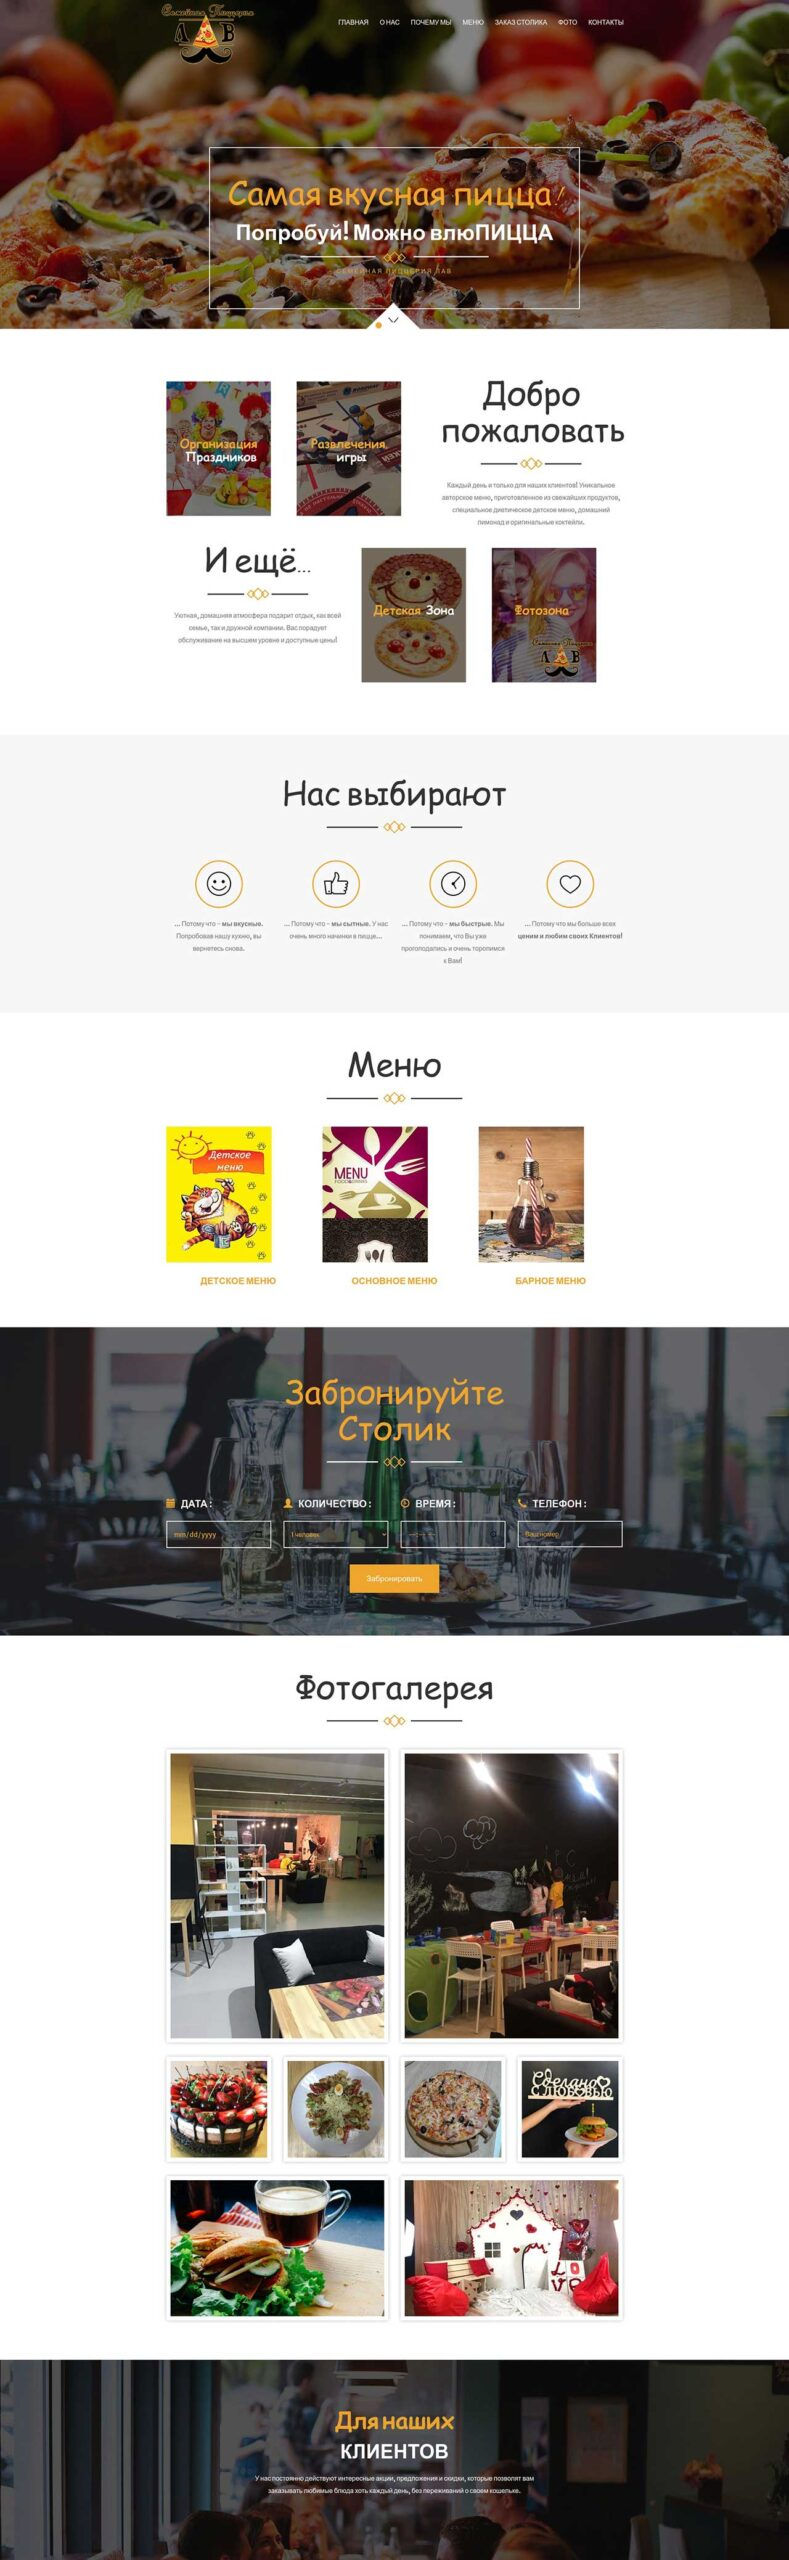 Розробка сайту для піцерії